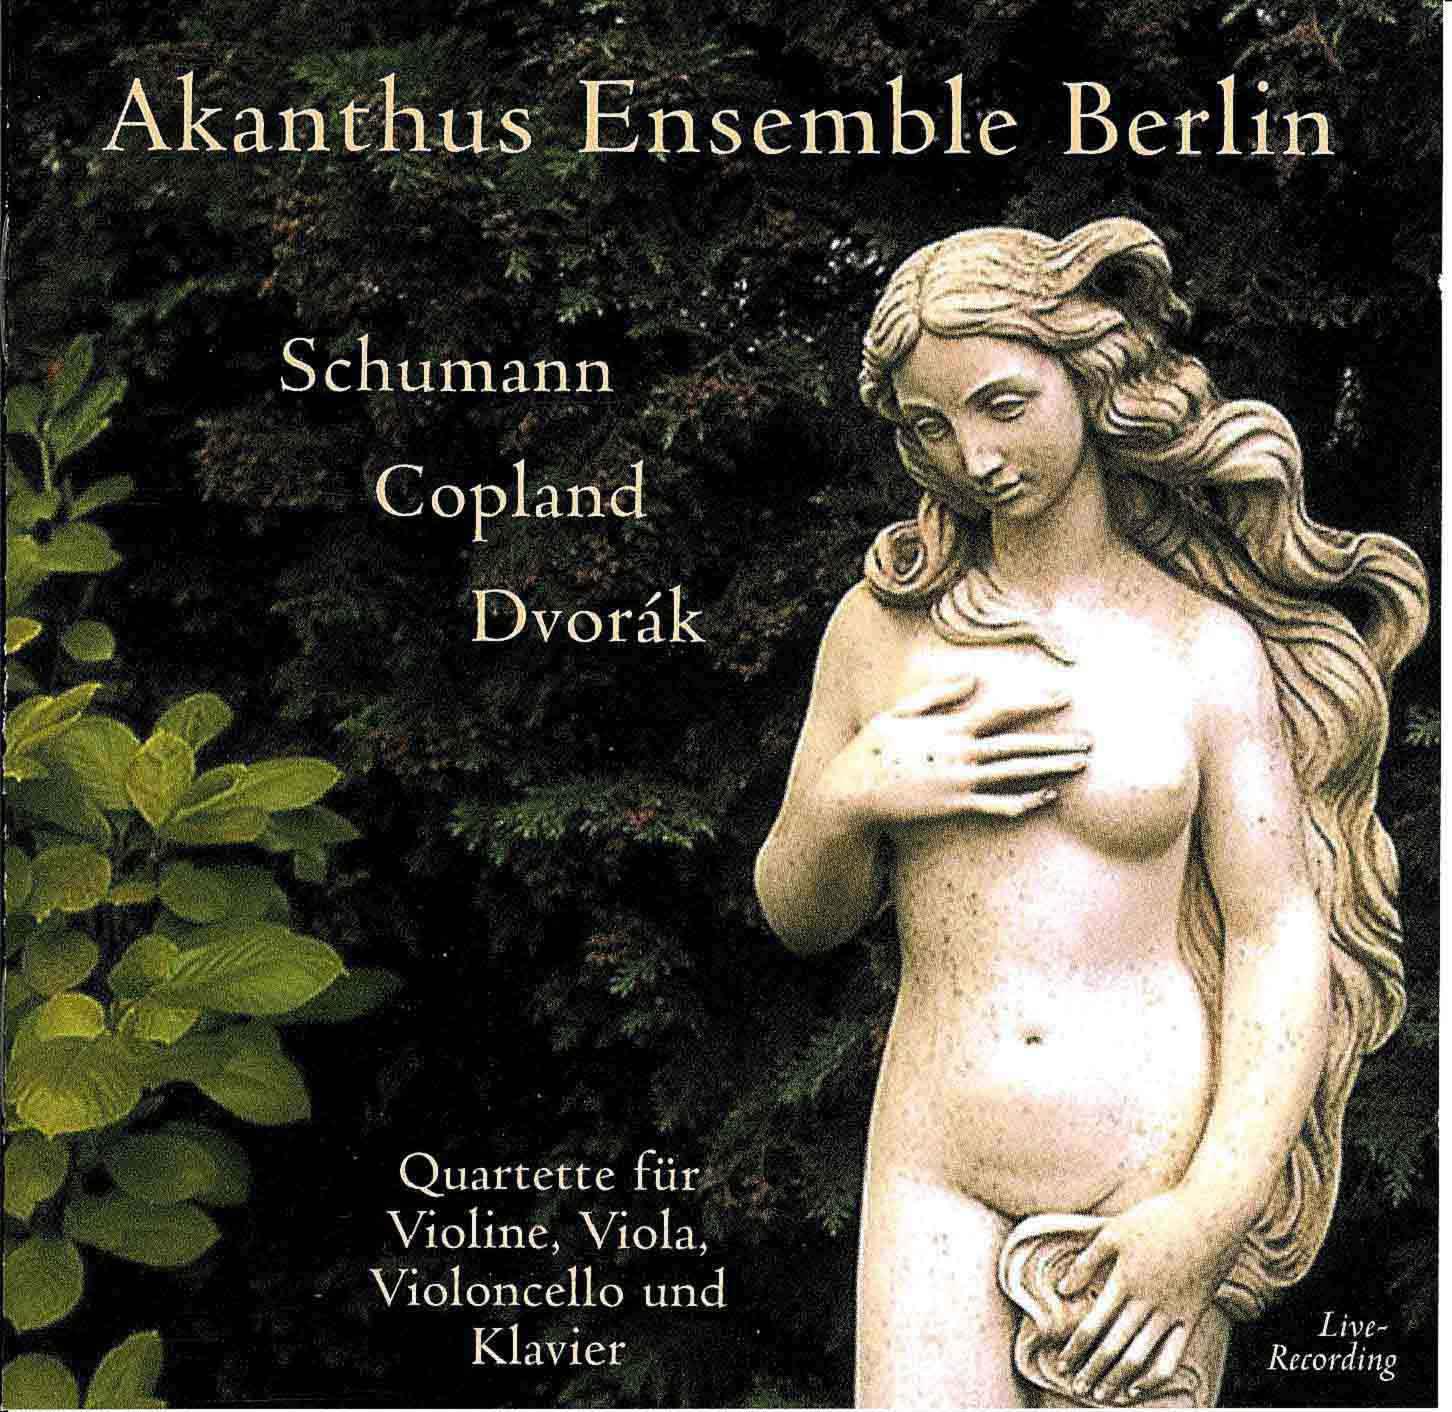 CD-Cover4.jpg